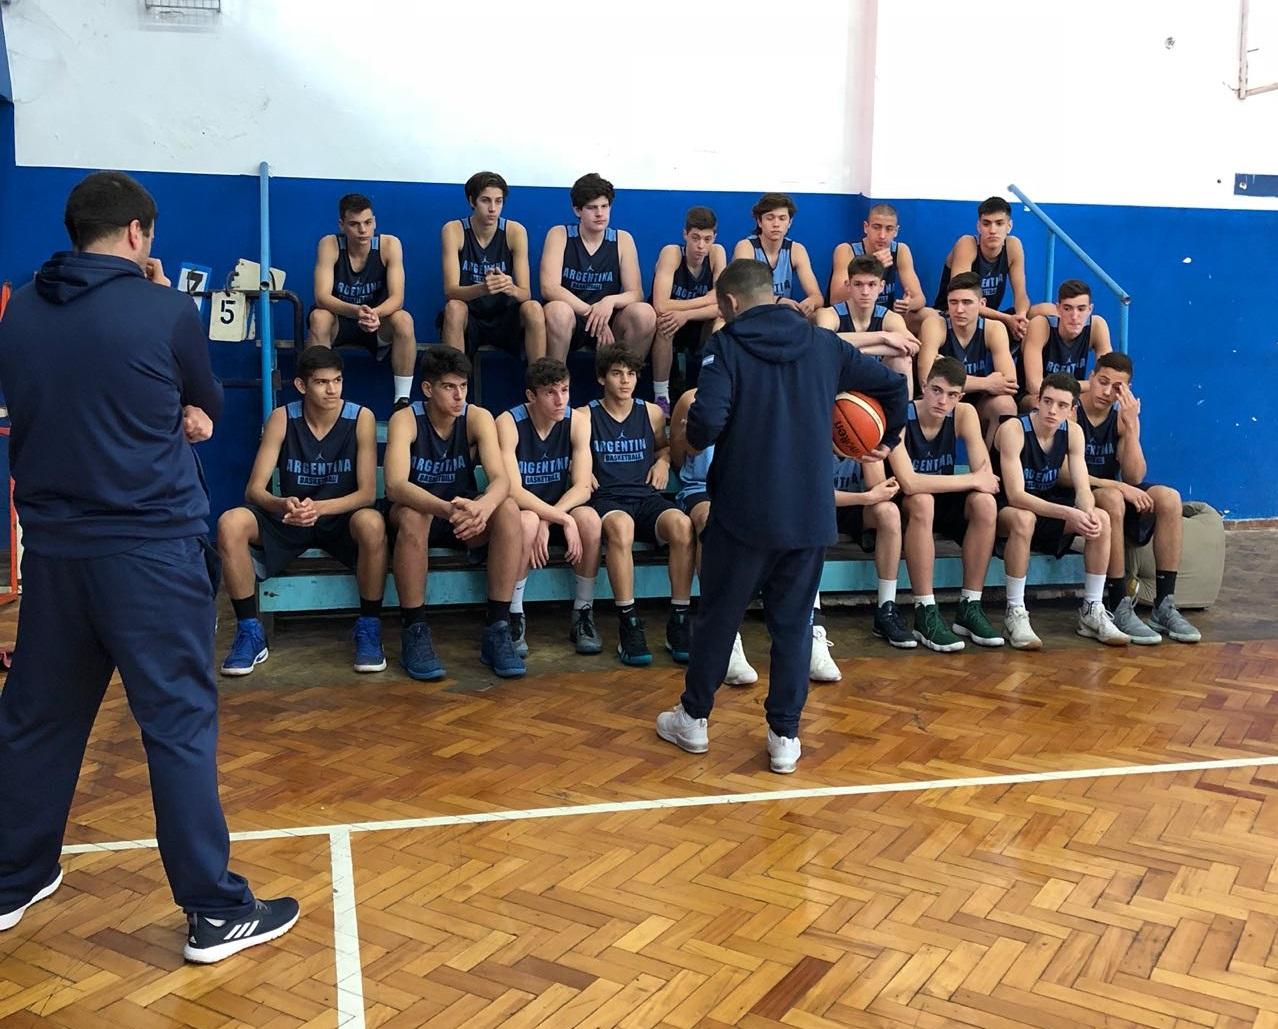 Nueva concentración de la Selección Nacional U15 masculina